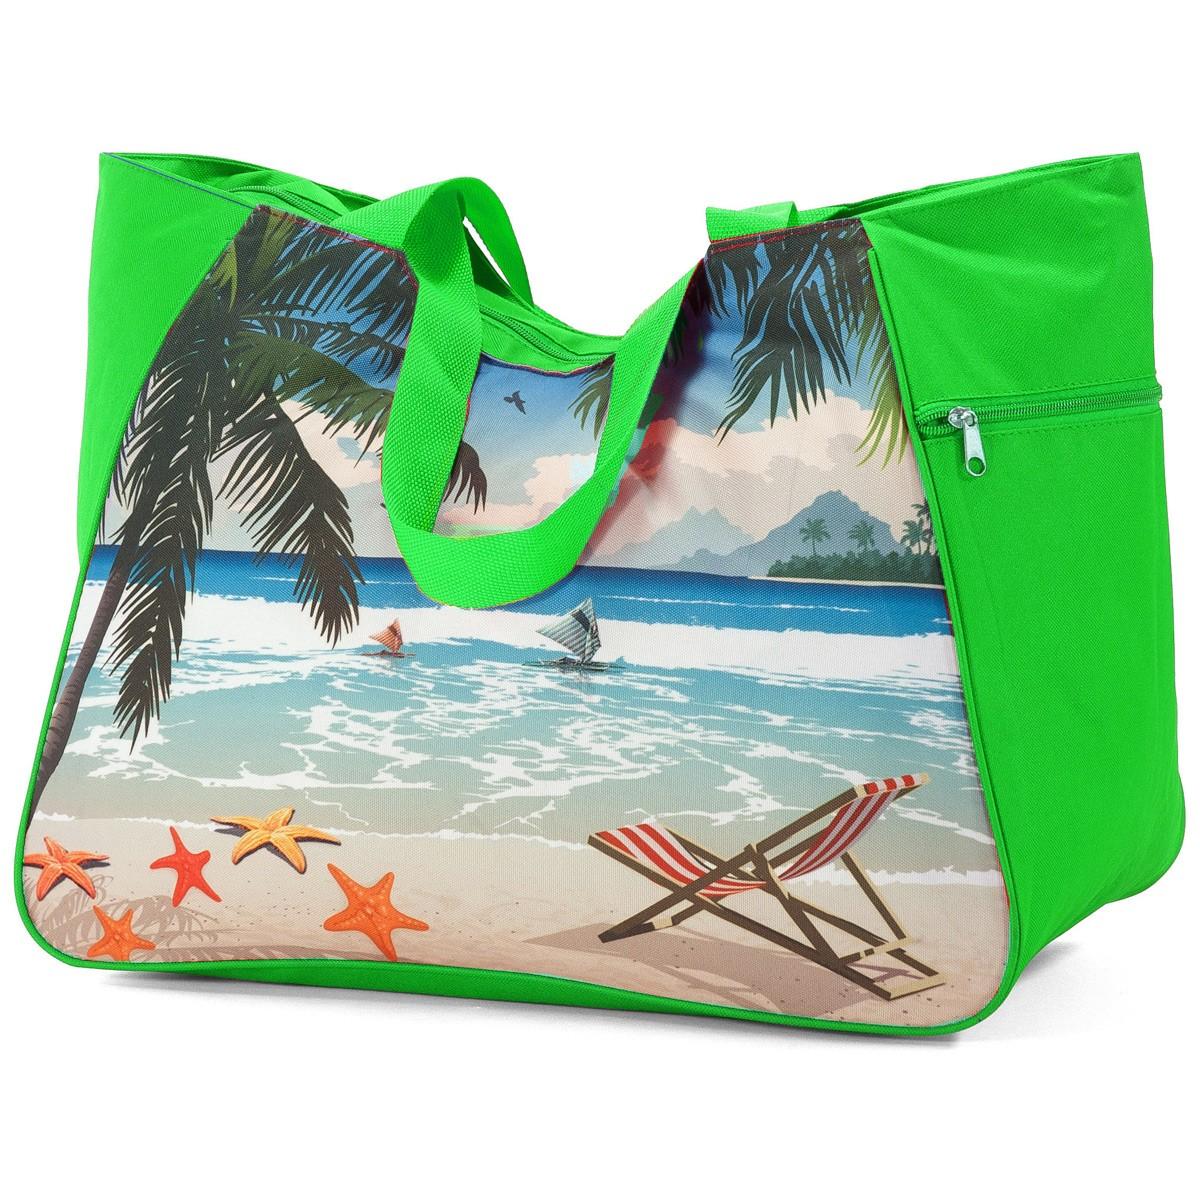 Τσάντα Παραλίας Benzi 5001 Green